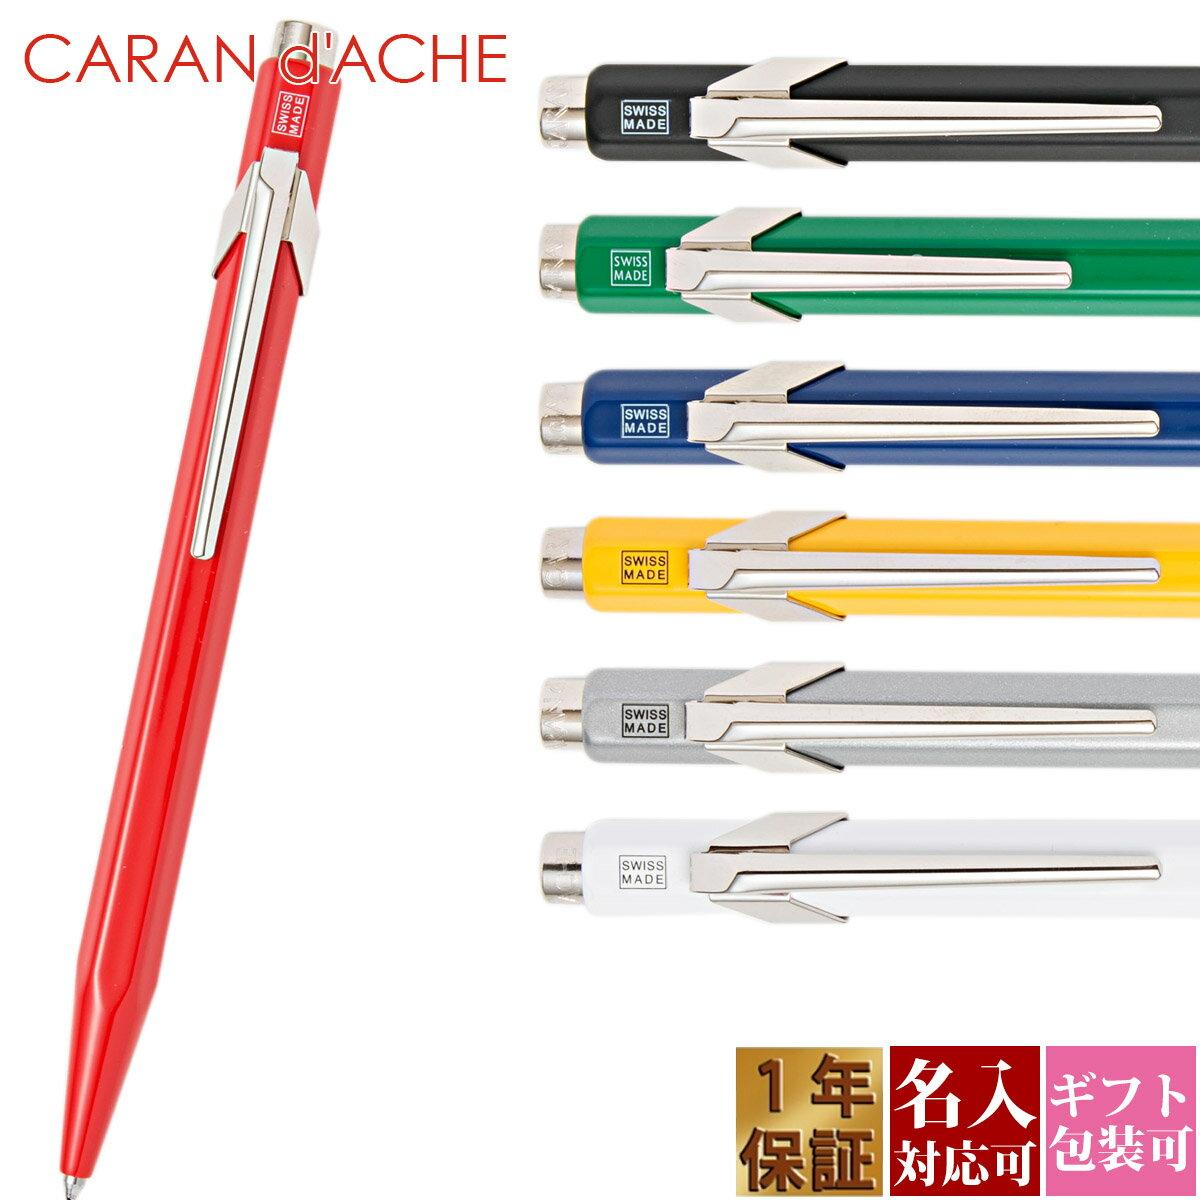 筆記具, ボールペン  CARAN dACHE 849 NF0849 2020 1